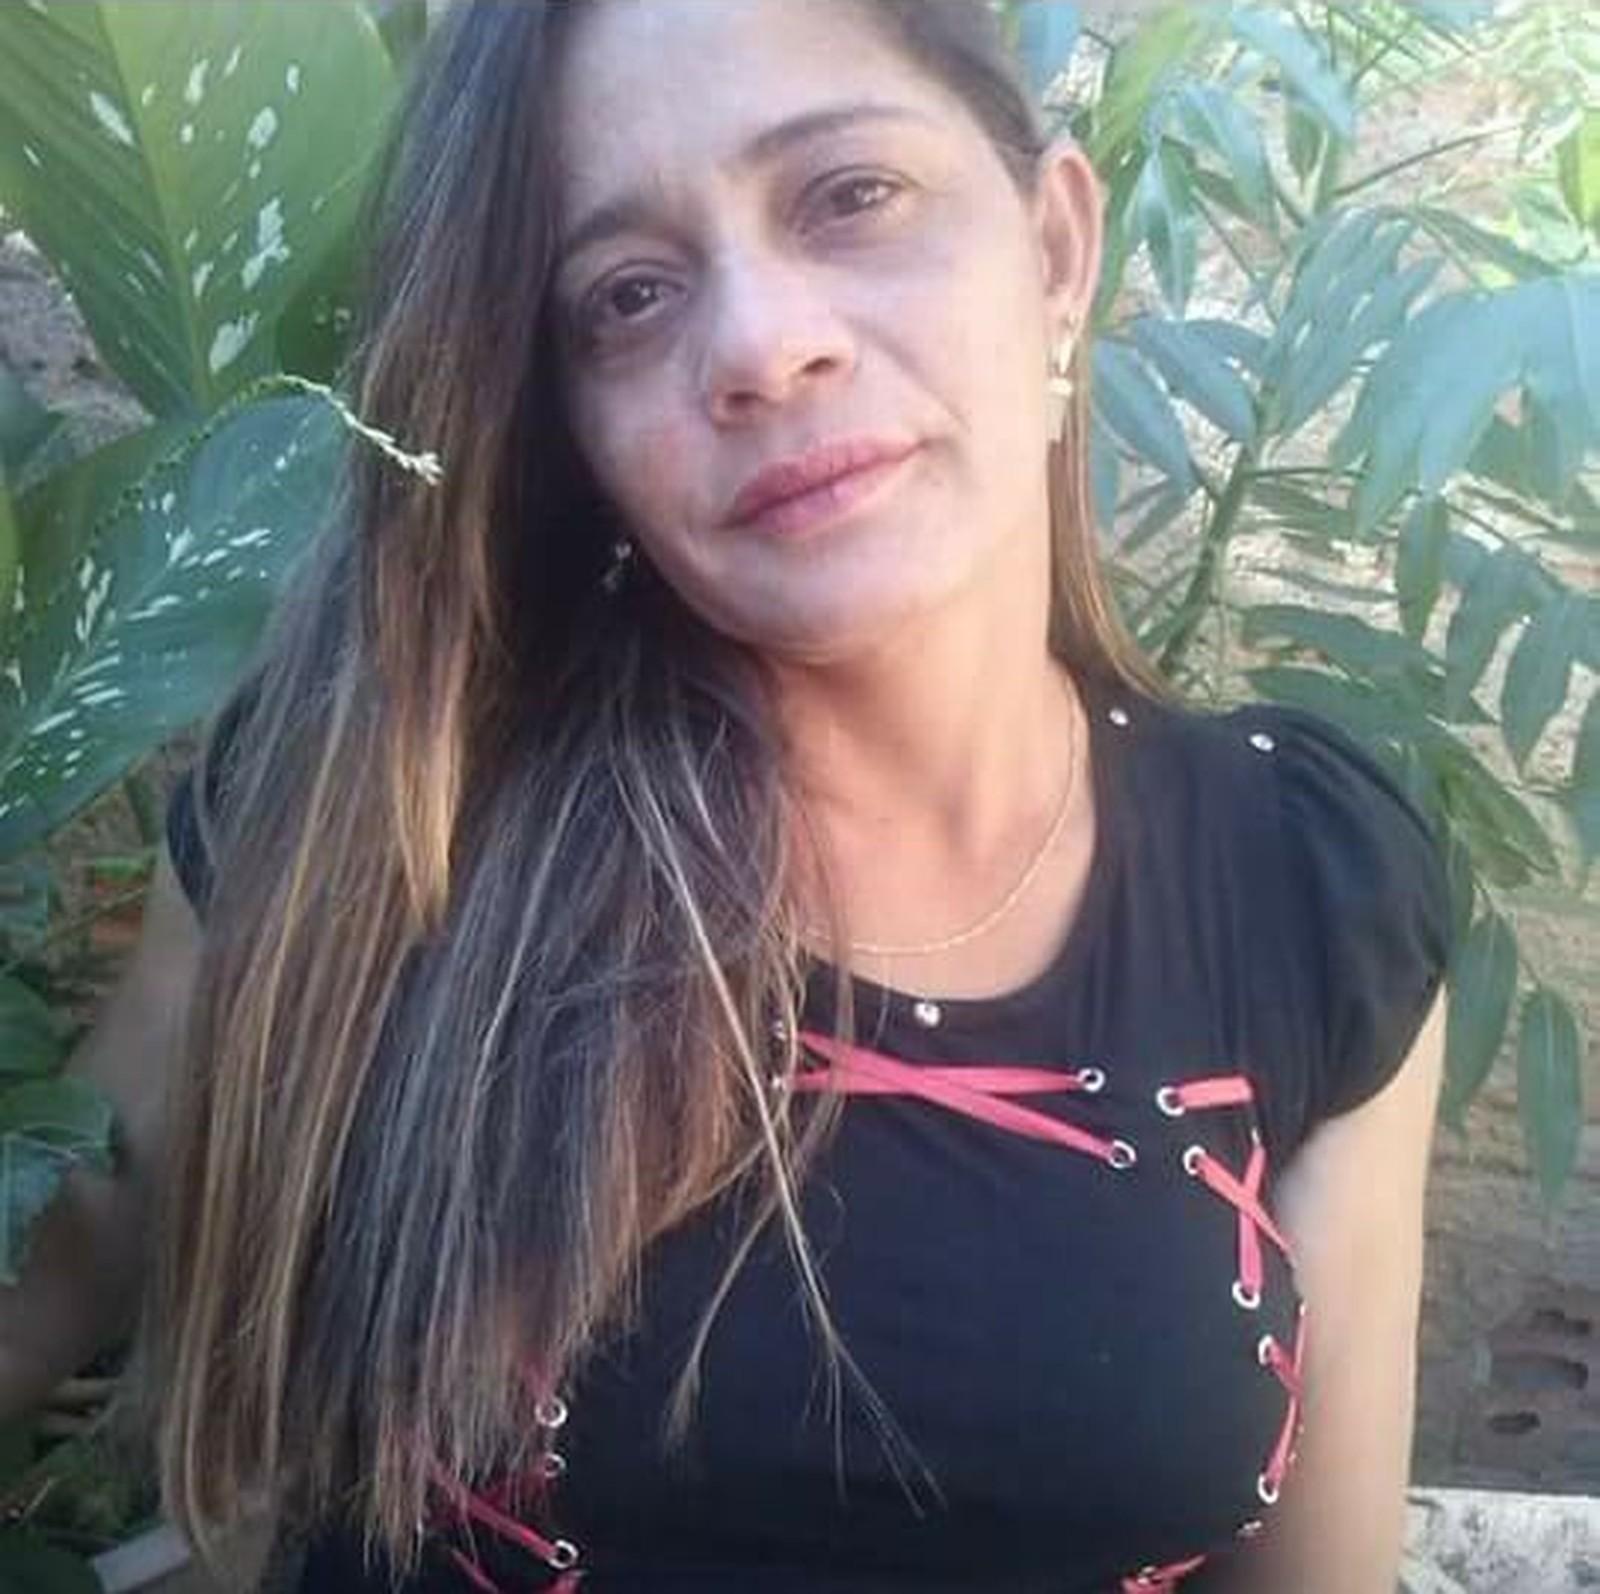 Diarista é encontrada morta dentro de casa e polícia suspeita de latrocínio